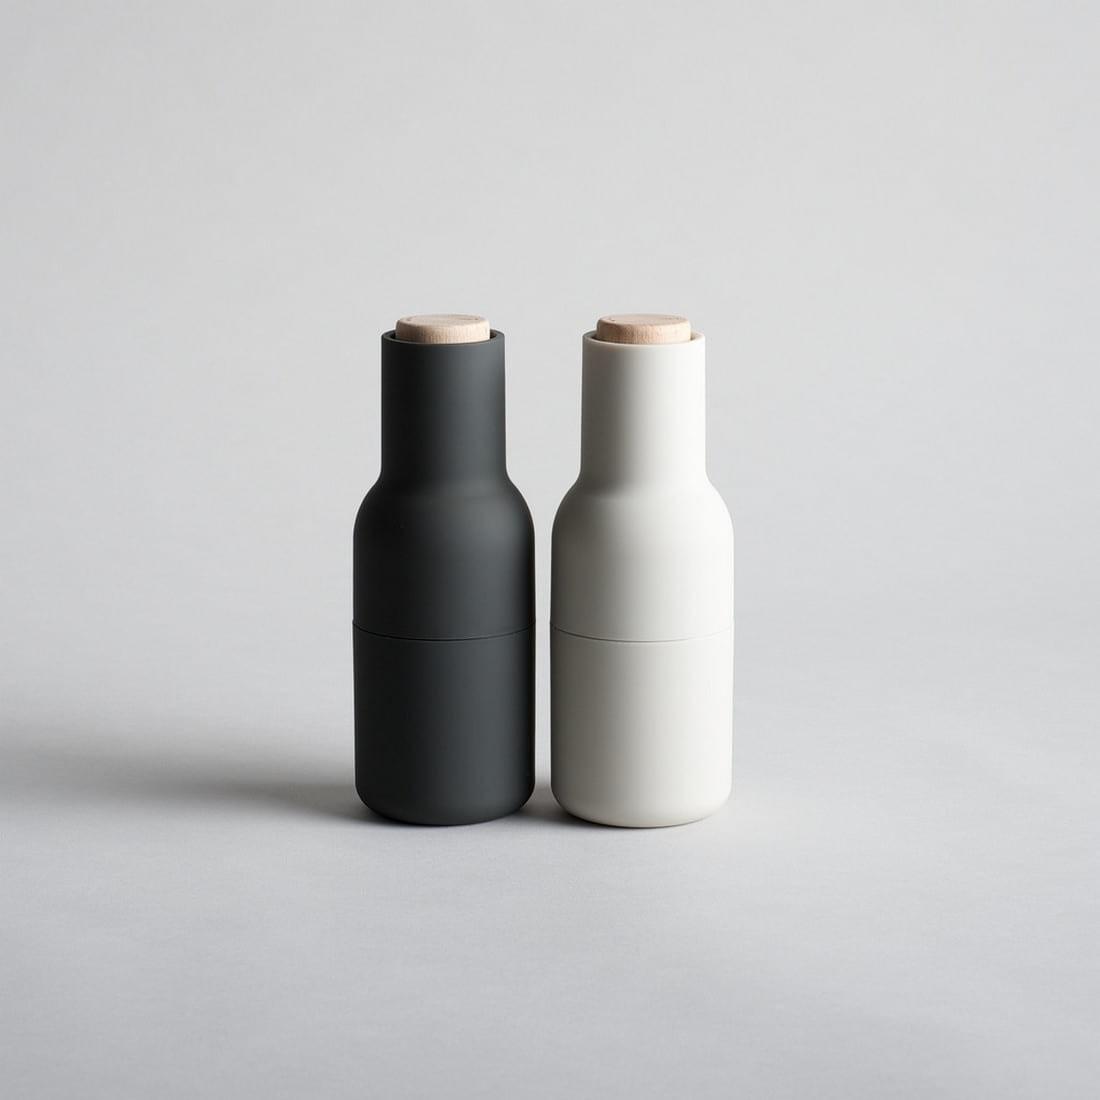 Bottle Grinder Salt Pepper Set Ash Carbon Design Is This